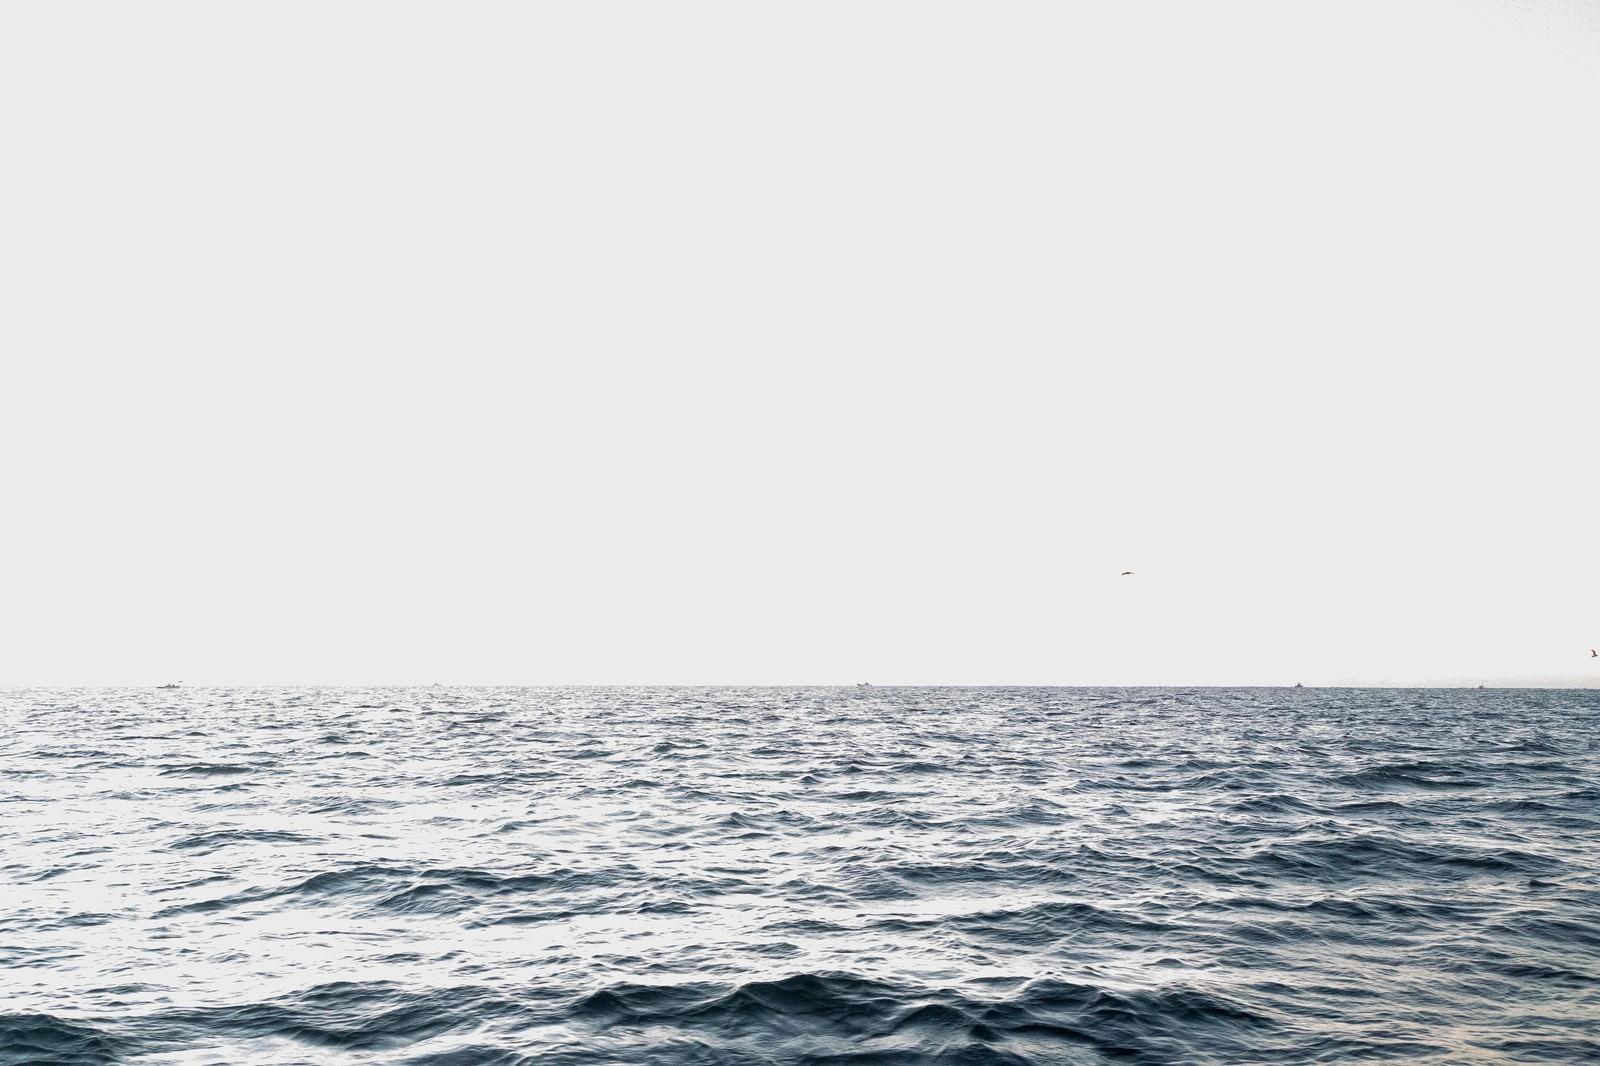 「沖合の海」の写真